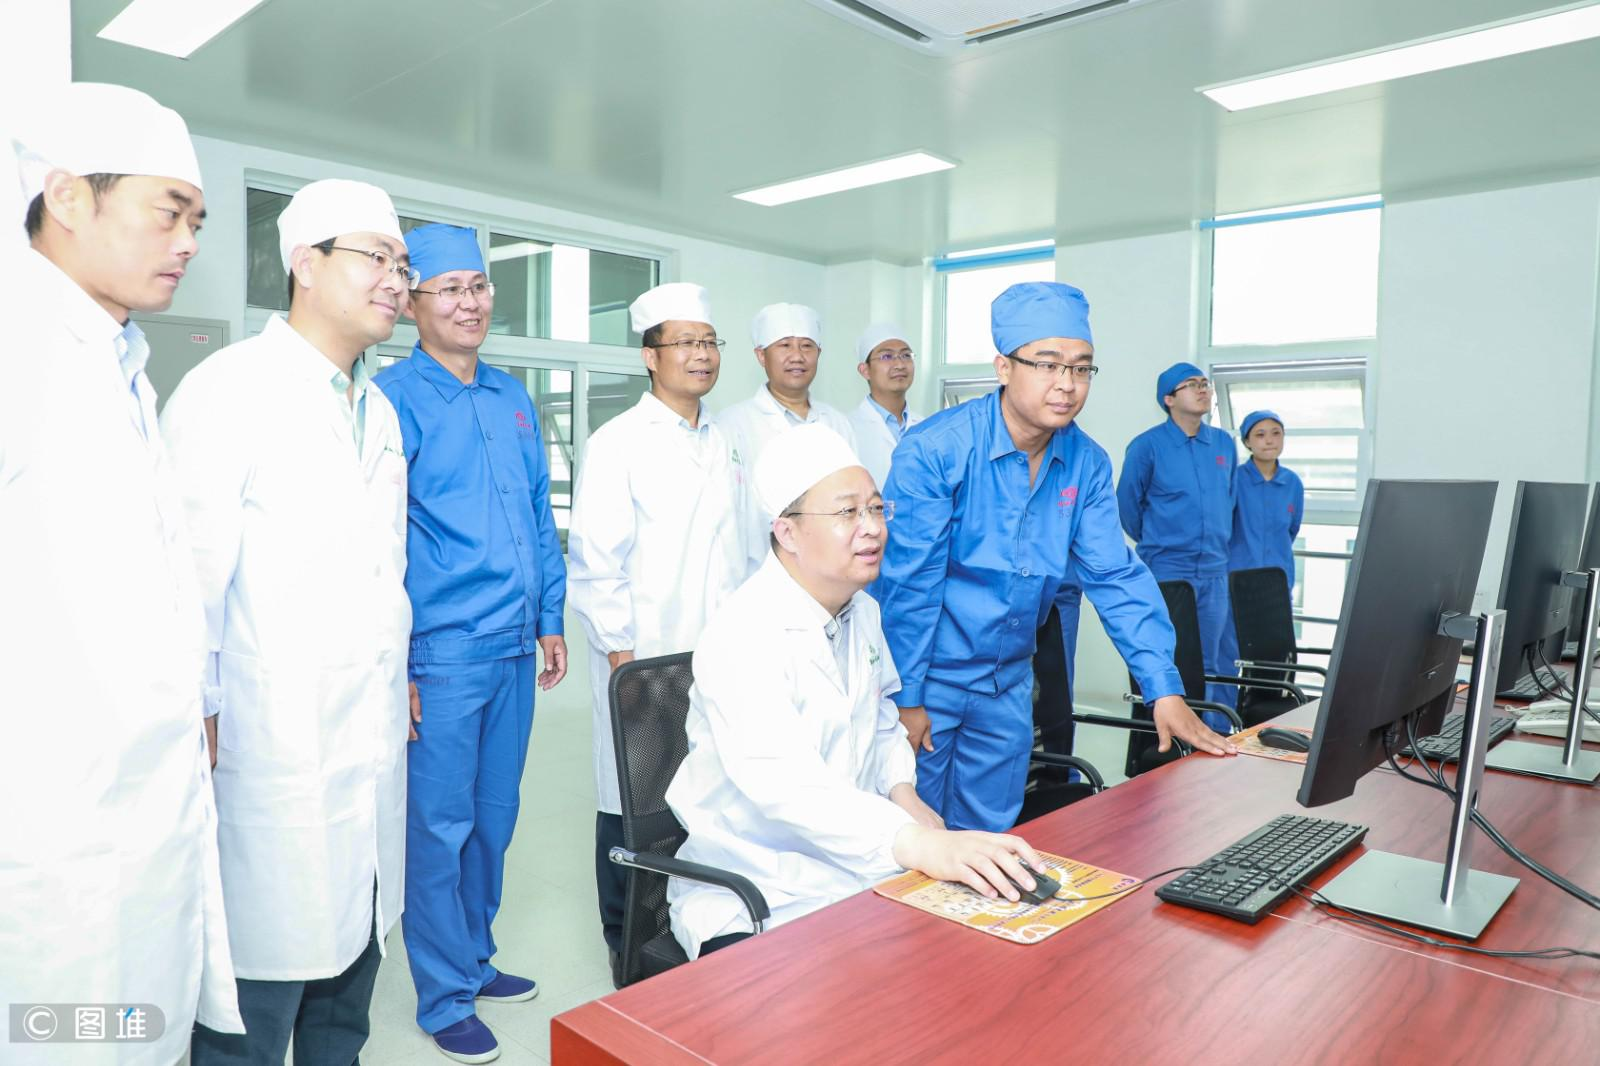 鲁南制药集团奥利司他产业化项目投产仪式举行